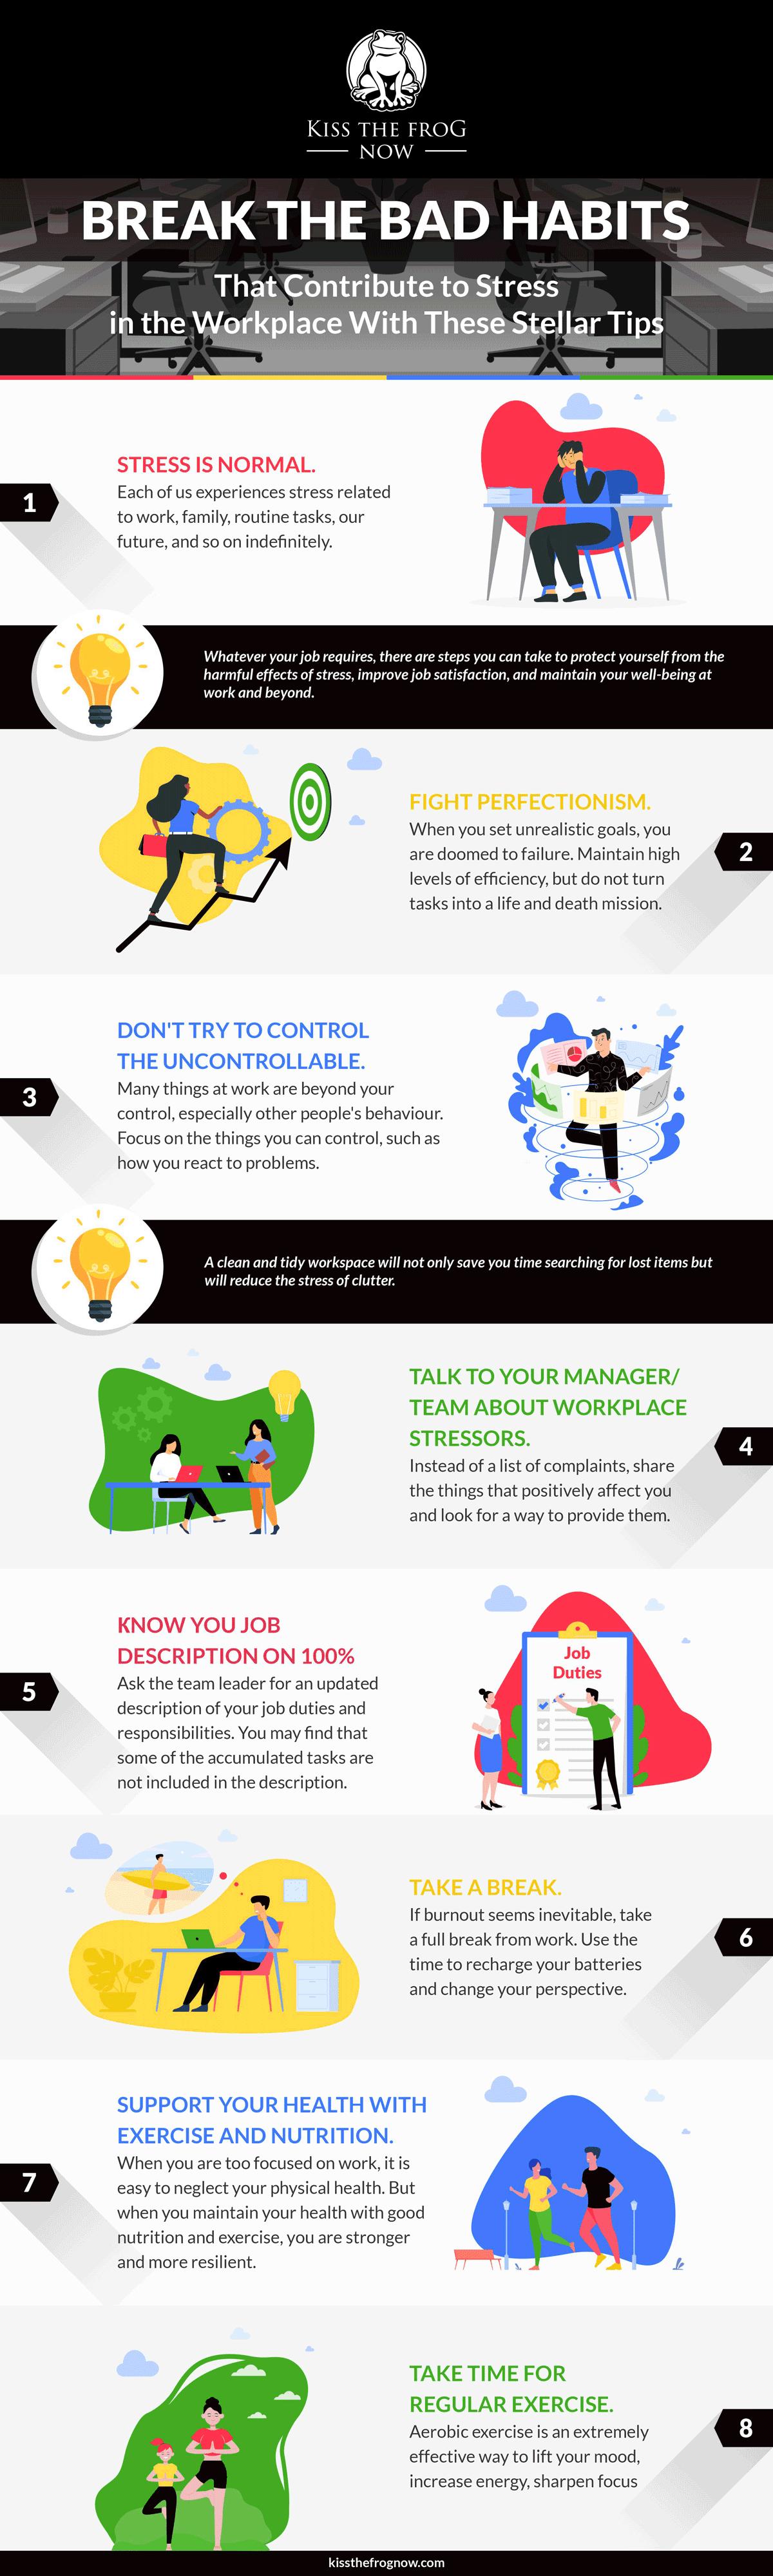 Infographic BREAK THE BAD HABITS